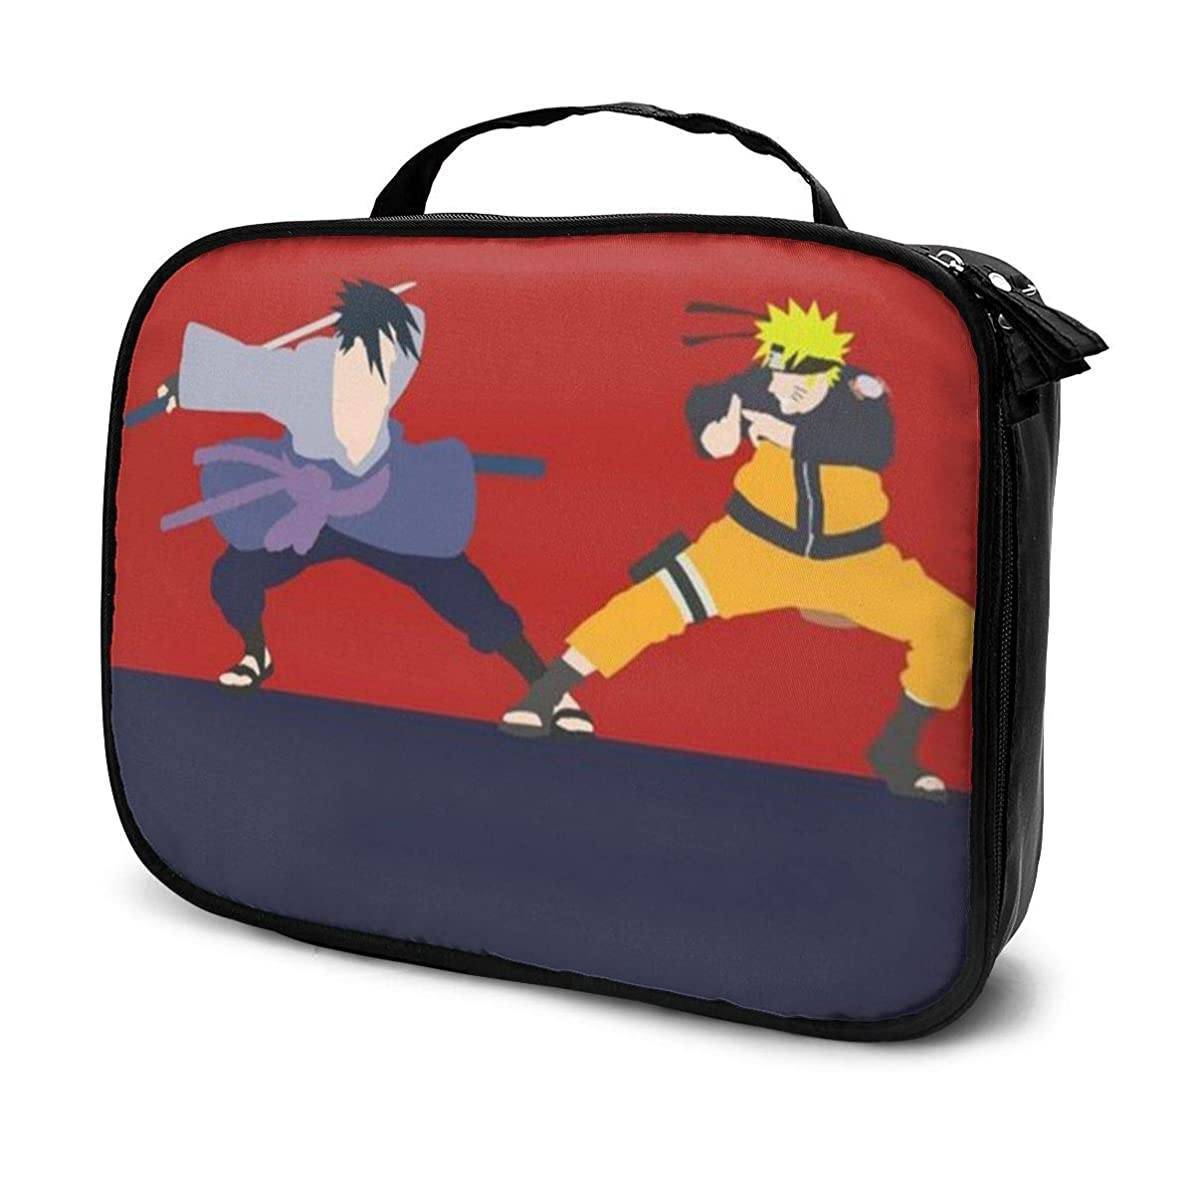 囲まれた肺炎受けるDaituナルトとサスケ 化粧品袋の女性旅行バッグ収納大容量防水アクセサリー旅行